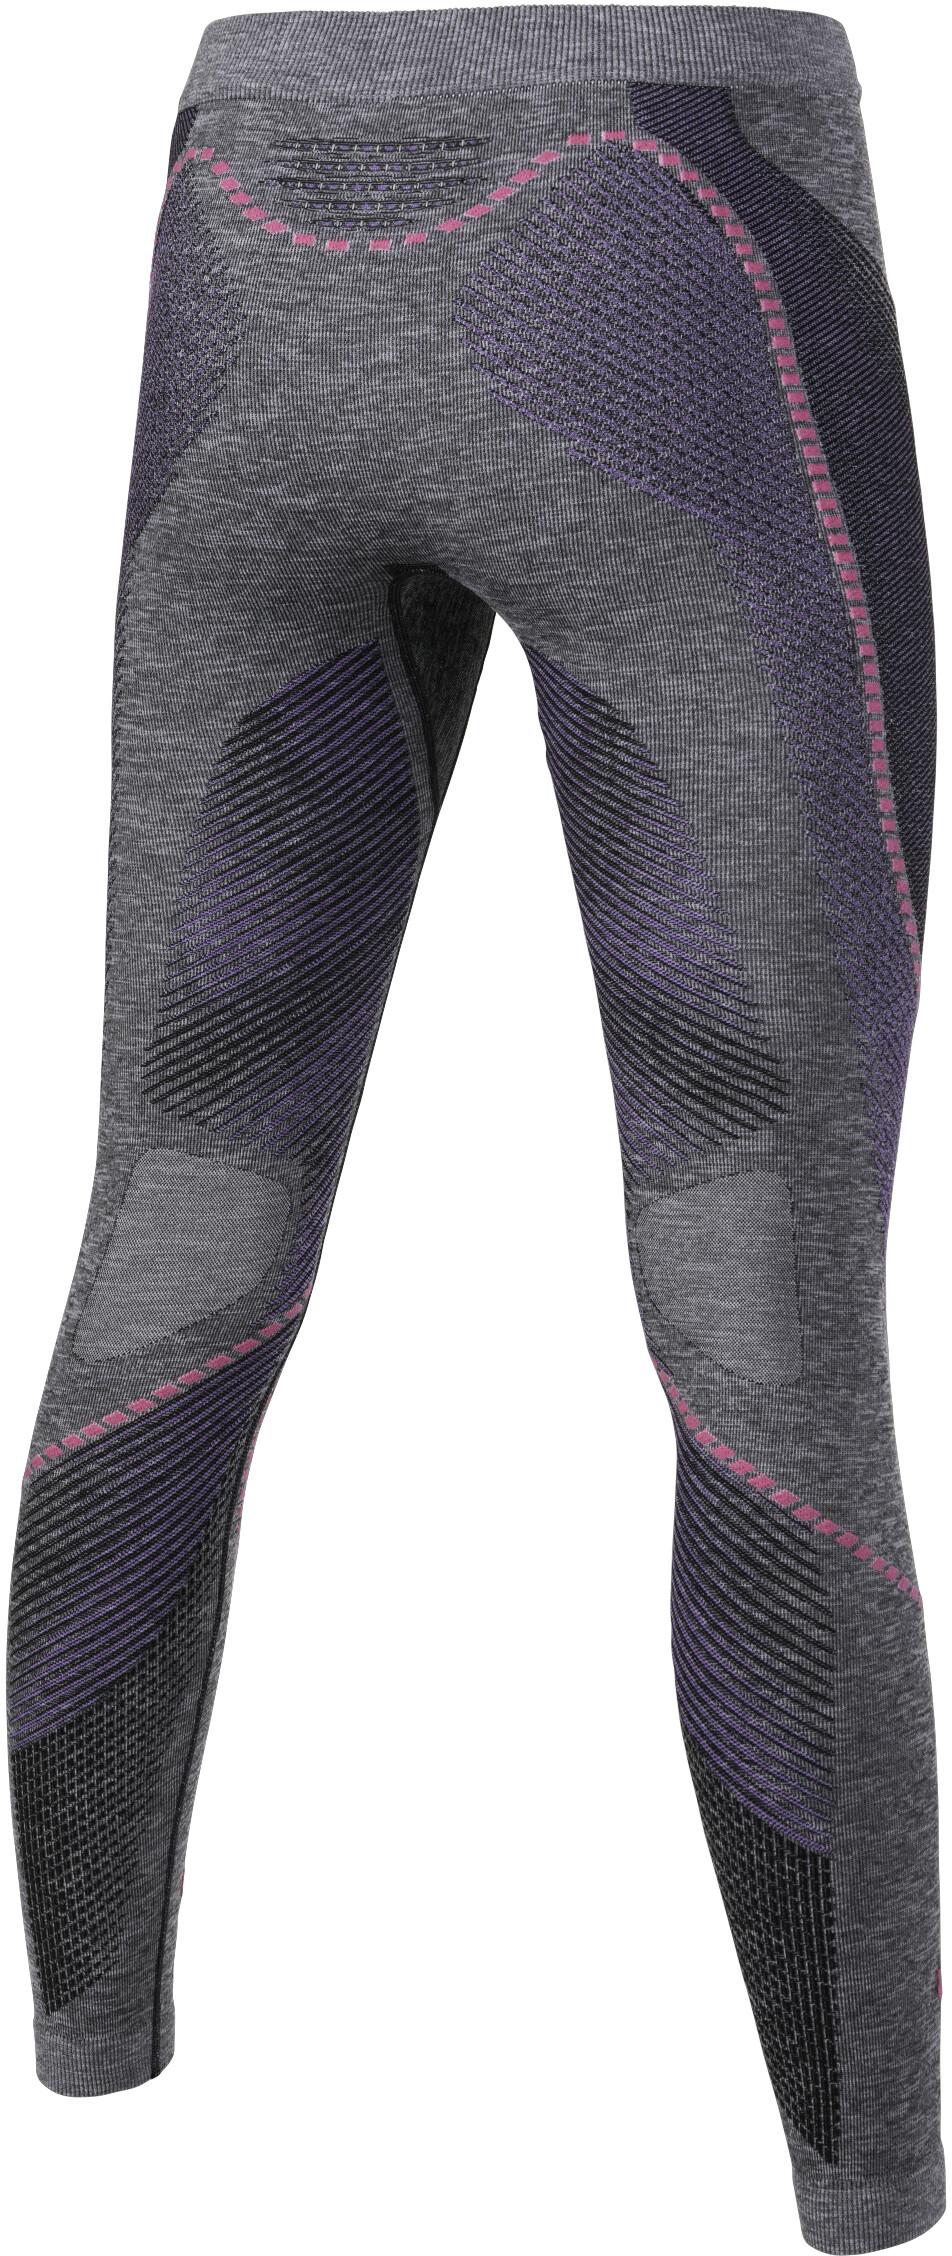 UYN Ambityon Melange UW Long Pants Women Black Melange Purple Raspberry d81f09d0704